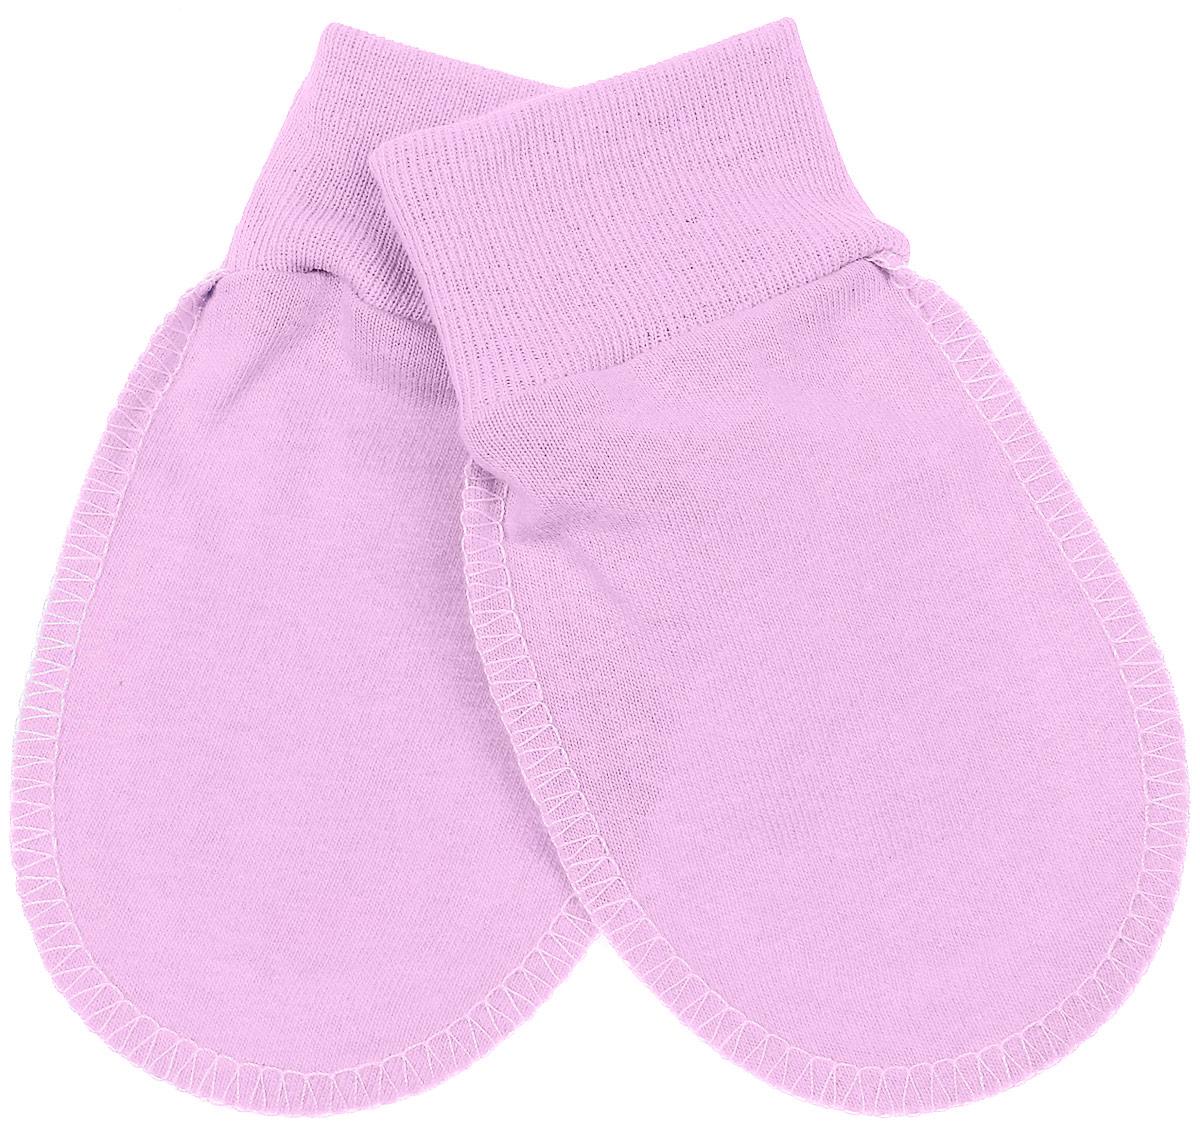 Рукавички Чудесные одежки, цвет: розовый. 5906. Размер 625906Рукавички для младенцев Чудесные одежки изготовлены из натурального хлопка. Они не раздражают нежную кожу ребенка. Широкие мягкие резинки не стягивают ручки. Швы выполнены на лицевую сторону.